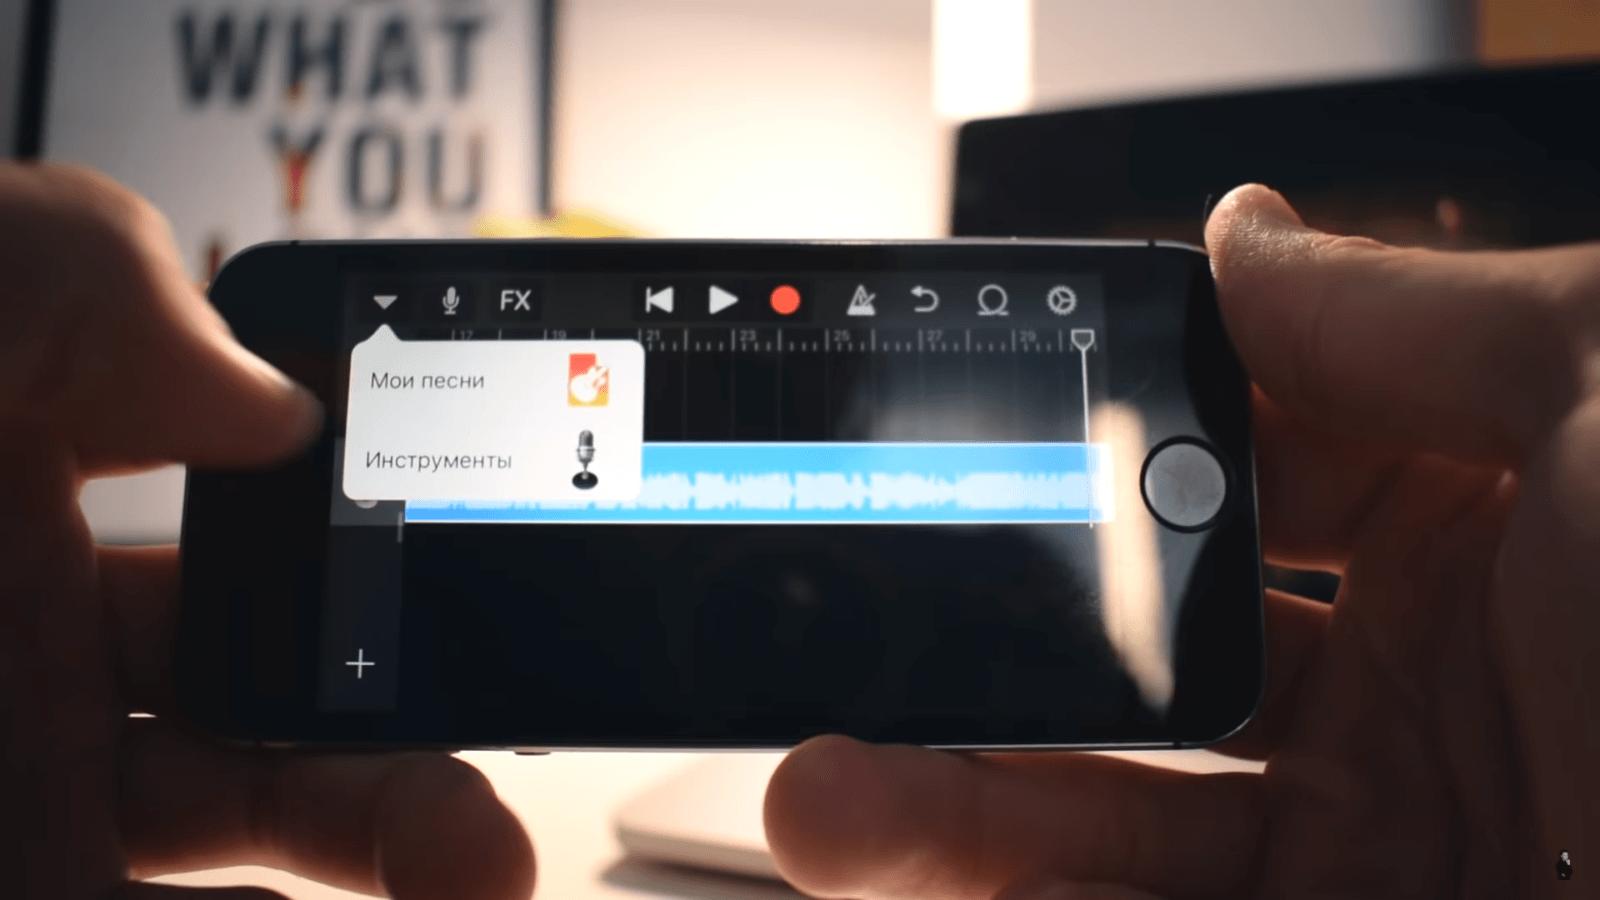 Πώς να βάλετε ένα τραγούδι στο iPhone κλήσης - Όλοι οι τρόποι και οι οδηγίες βήμα προς βήμα